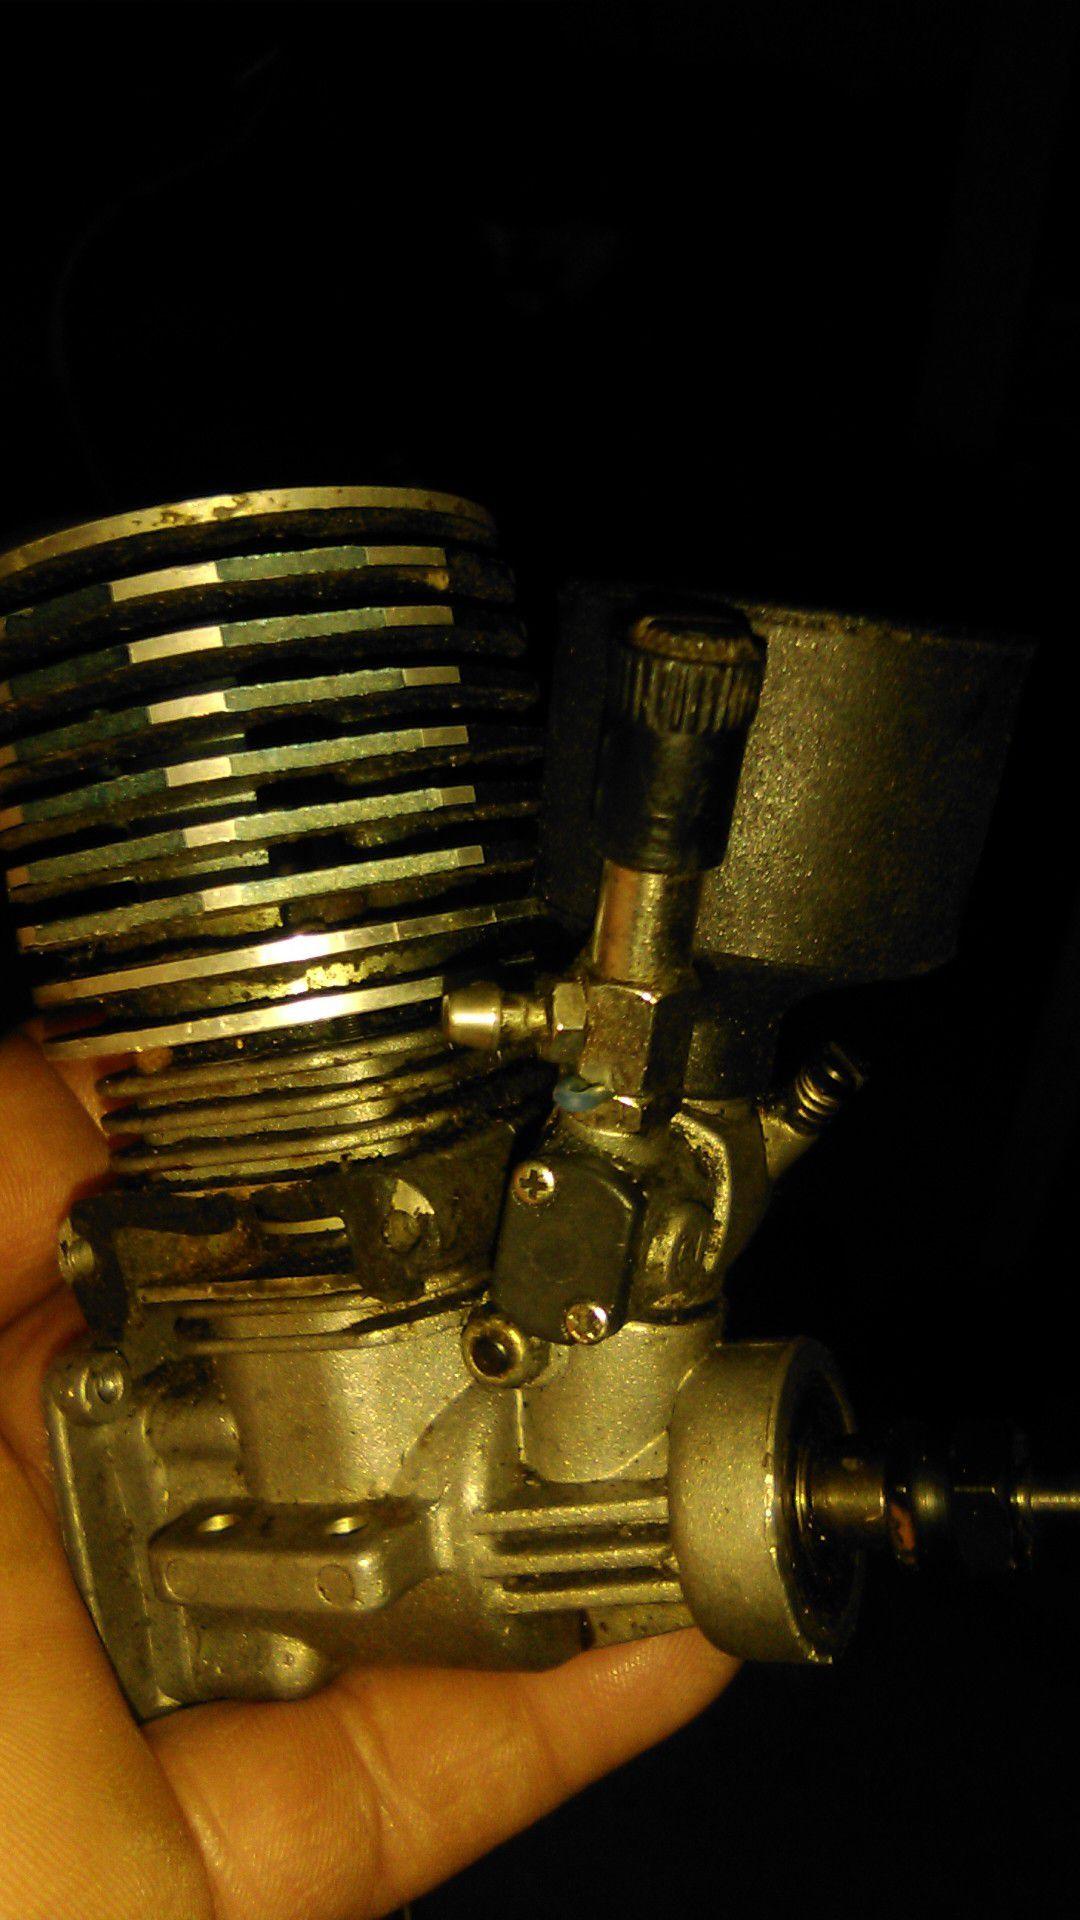 Gas control car transmission